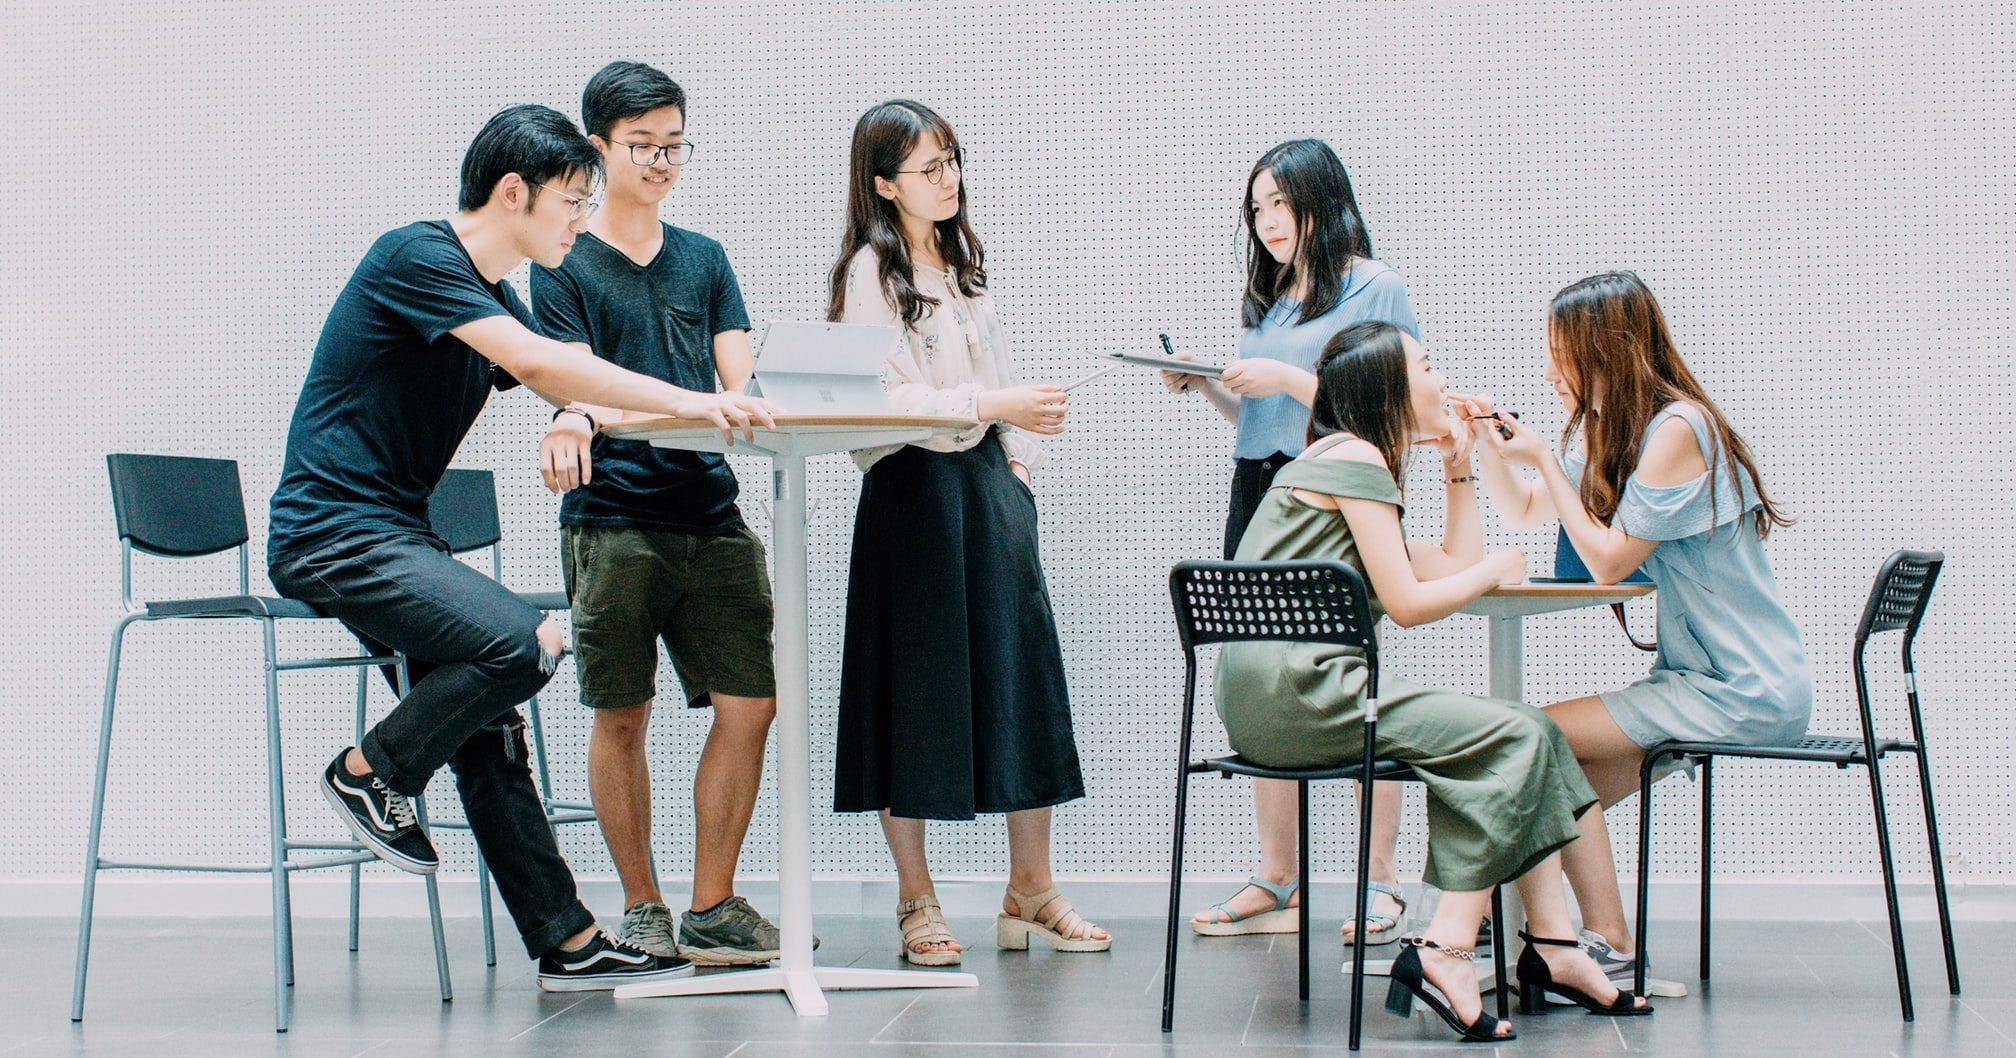 【職場溝通】想學習向上管理,先認識4種主管類型